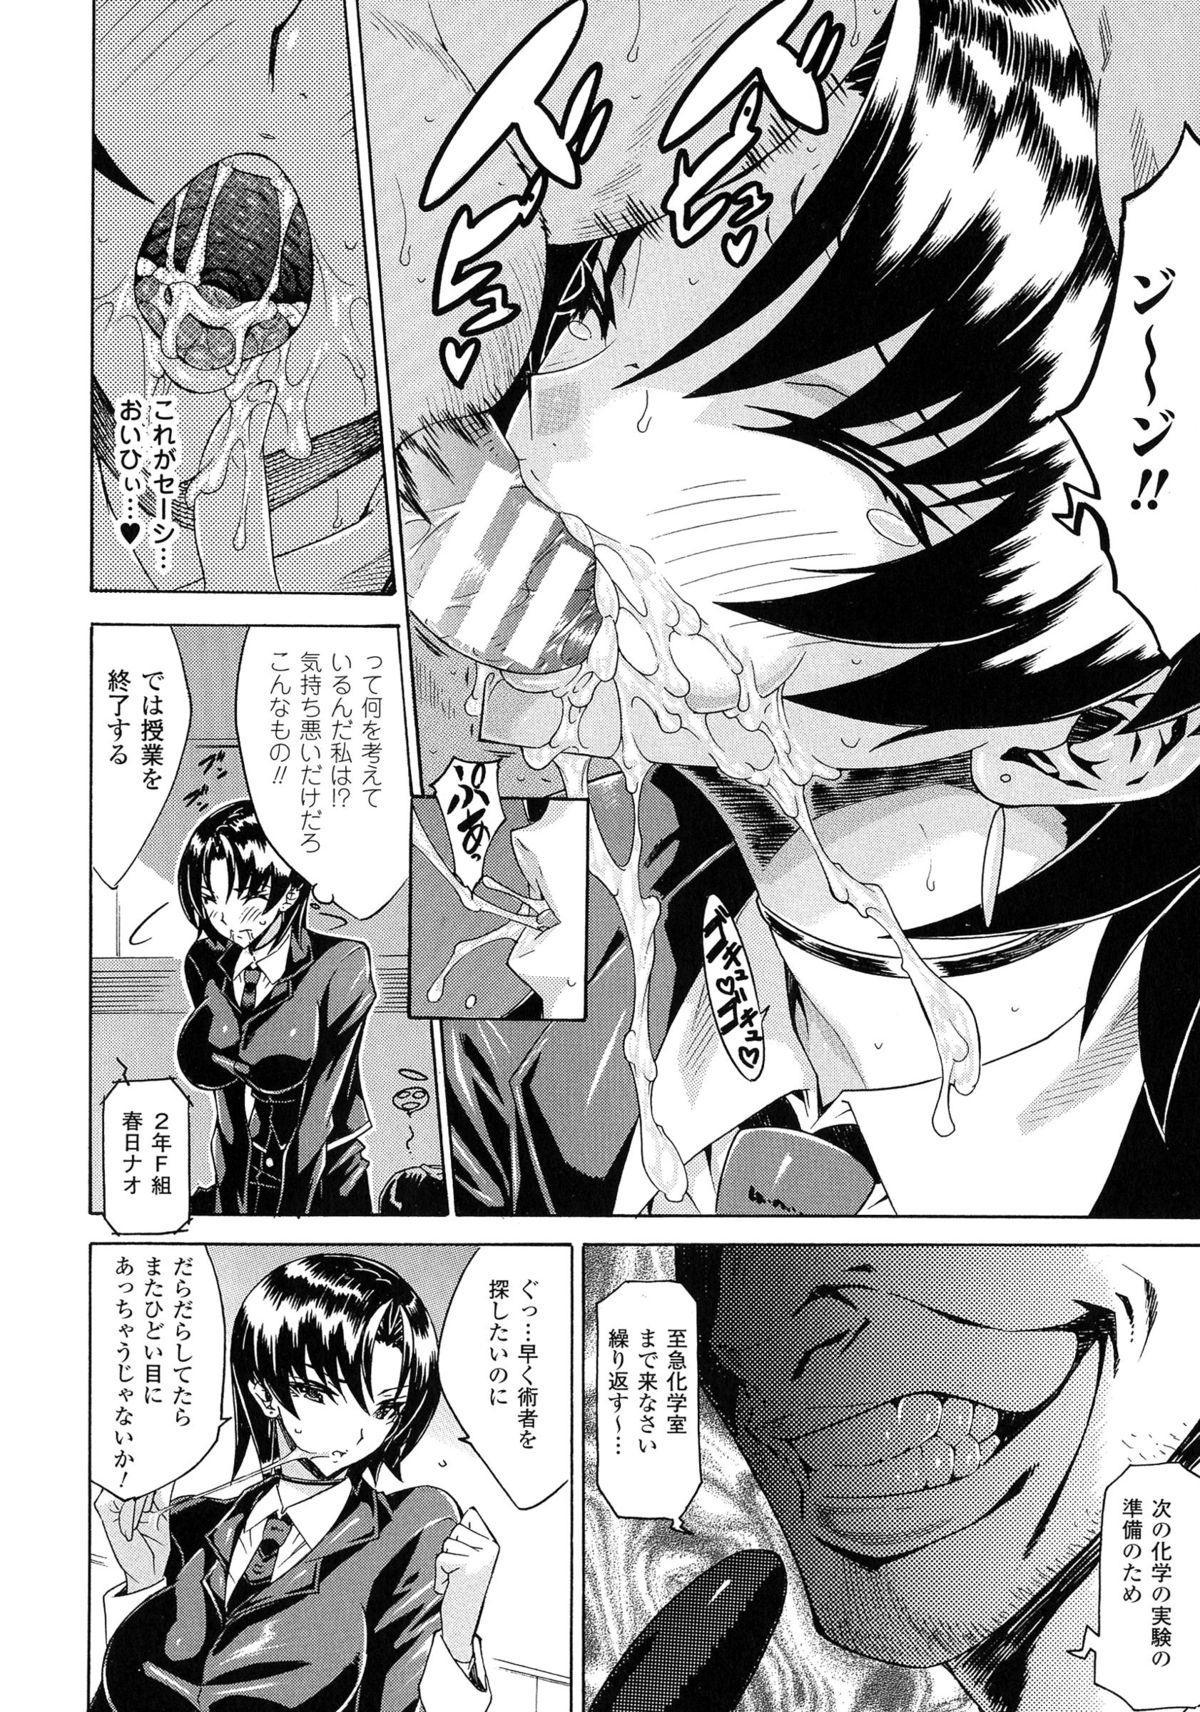 Kachiki na Onna ga Buzama na Ahegao o Sarasu made 109